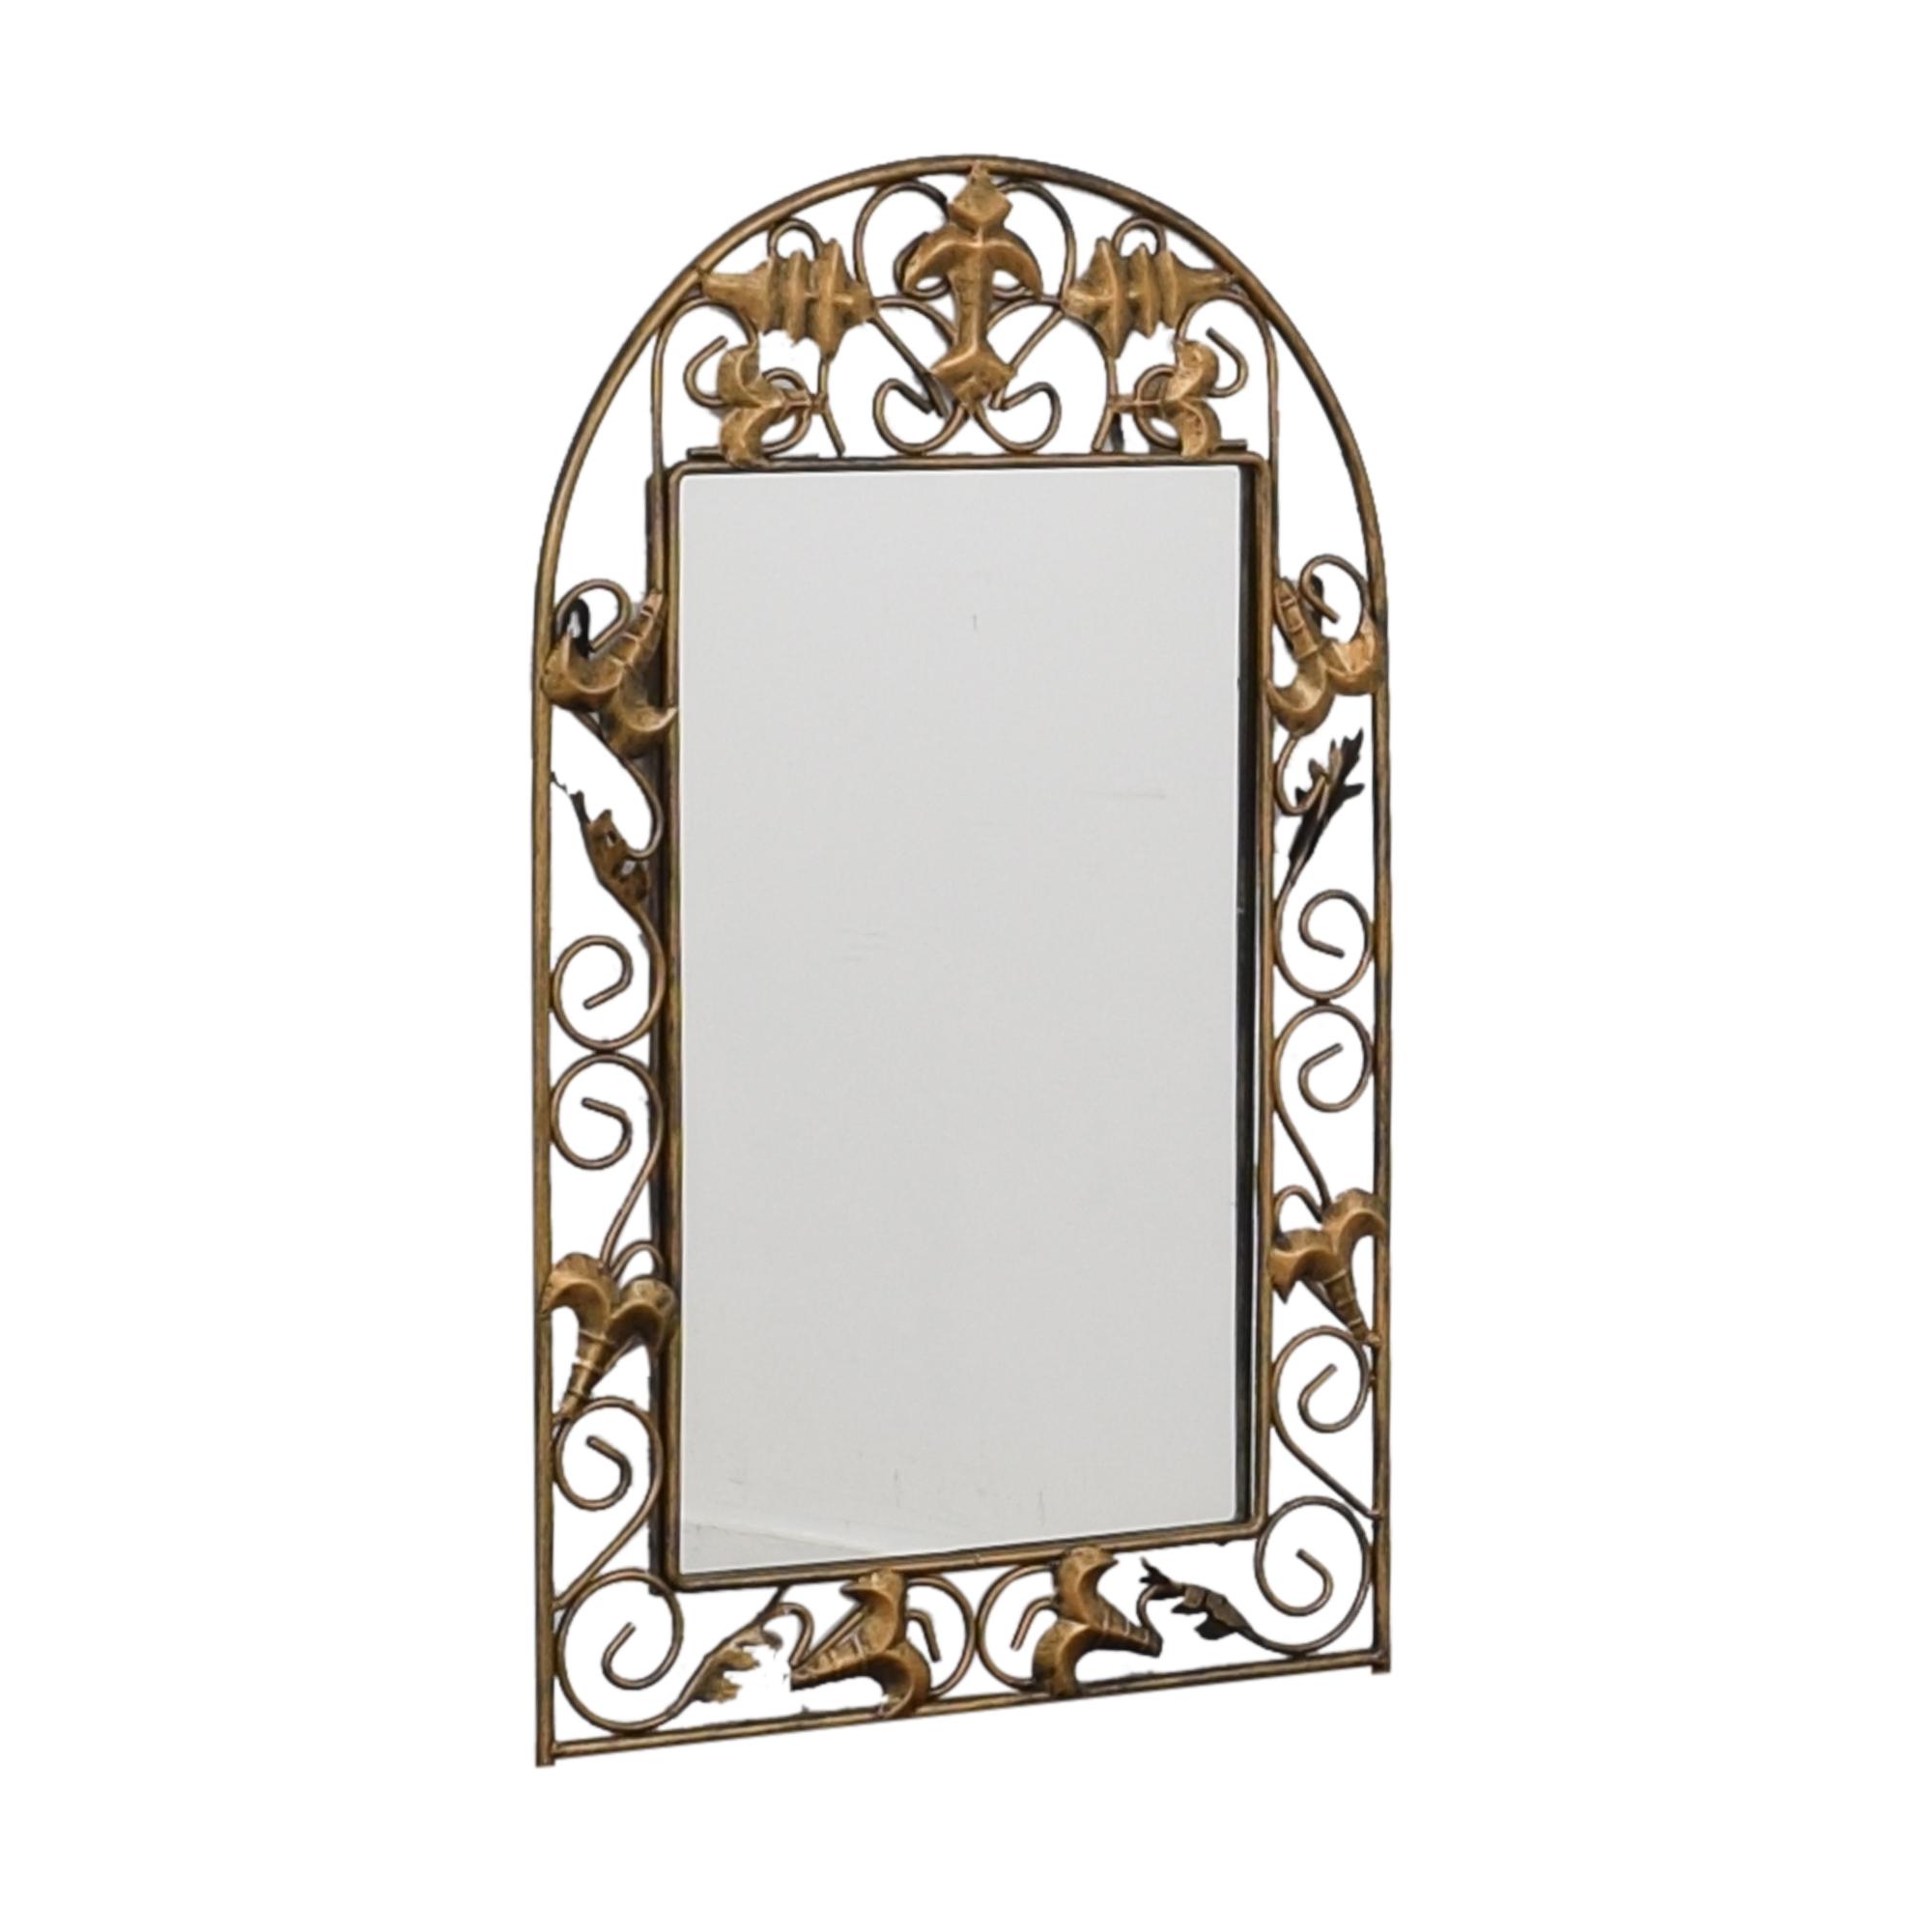 shop Anthropologie Anthropologie Decorative Arch Mirror online